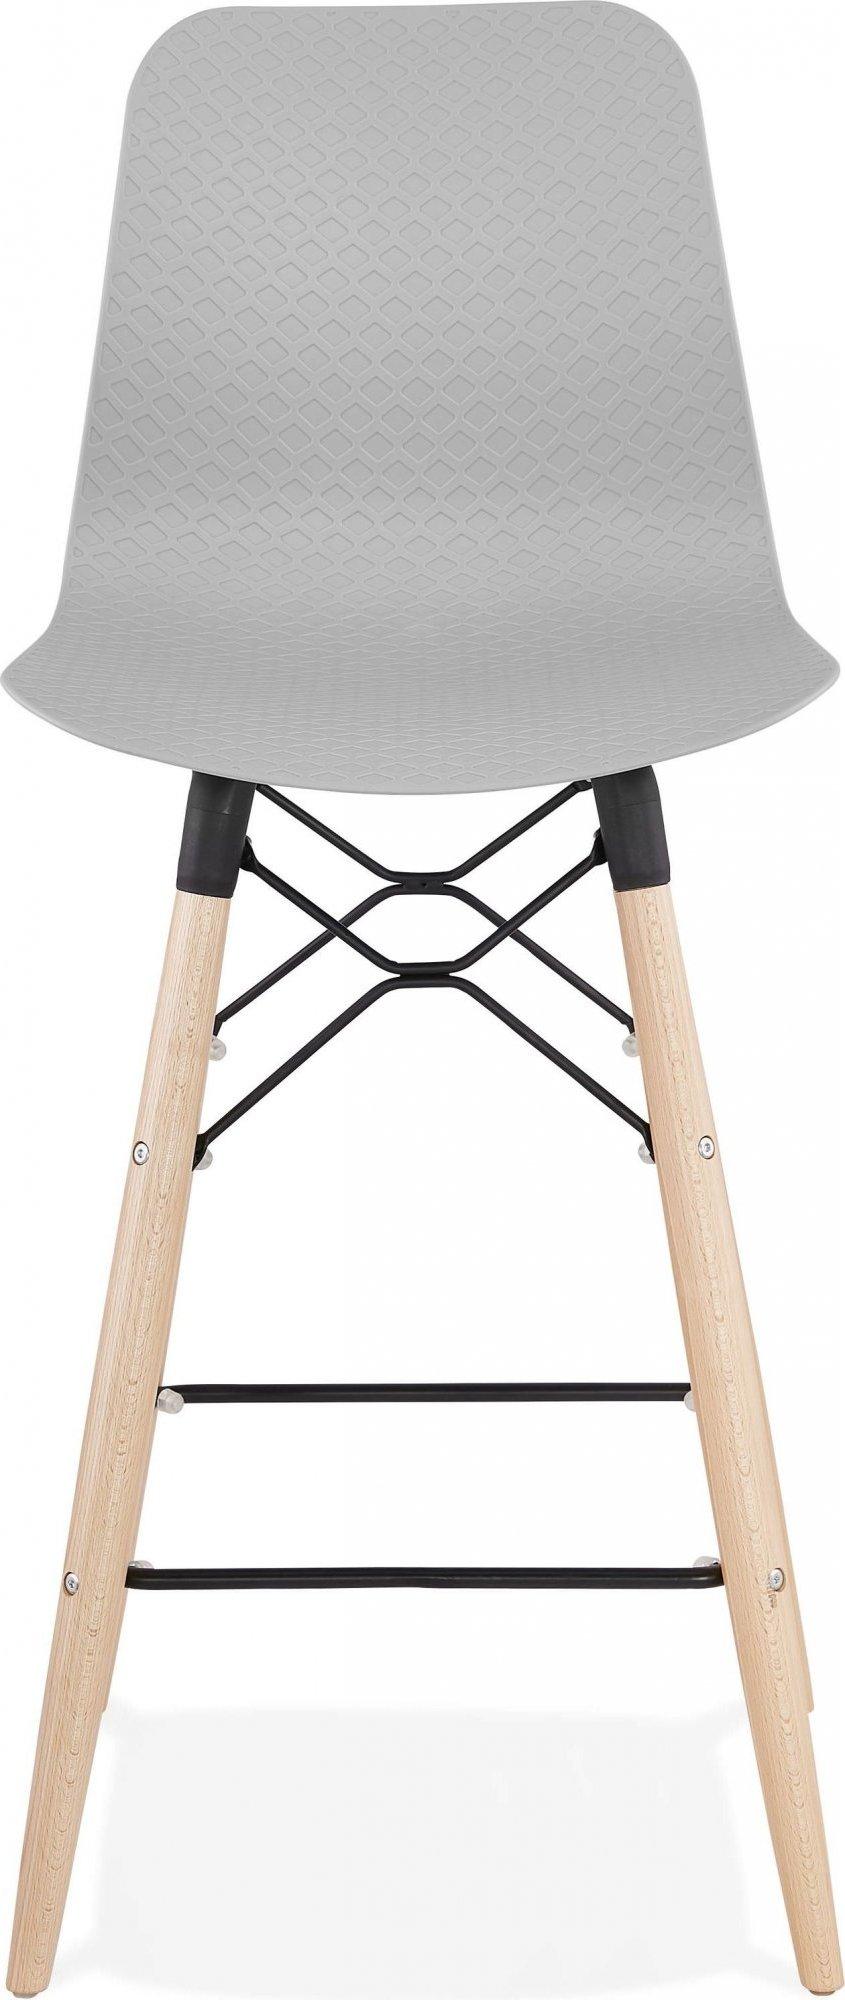 Tabouret de bar gris et bois naturel h108cm